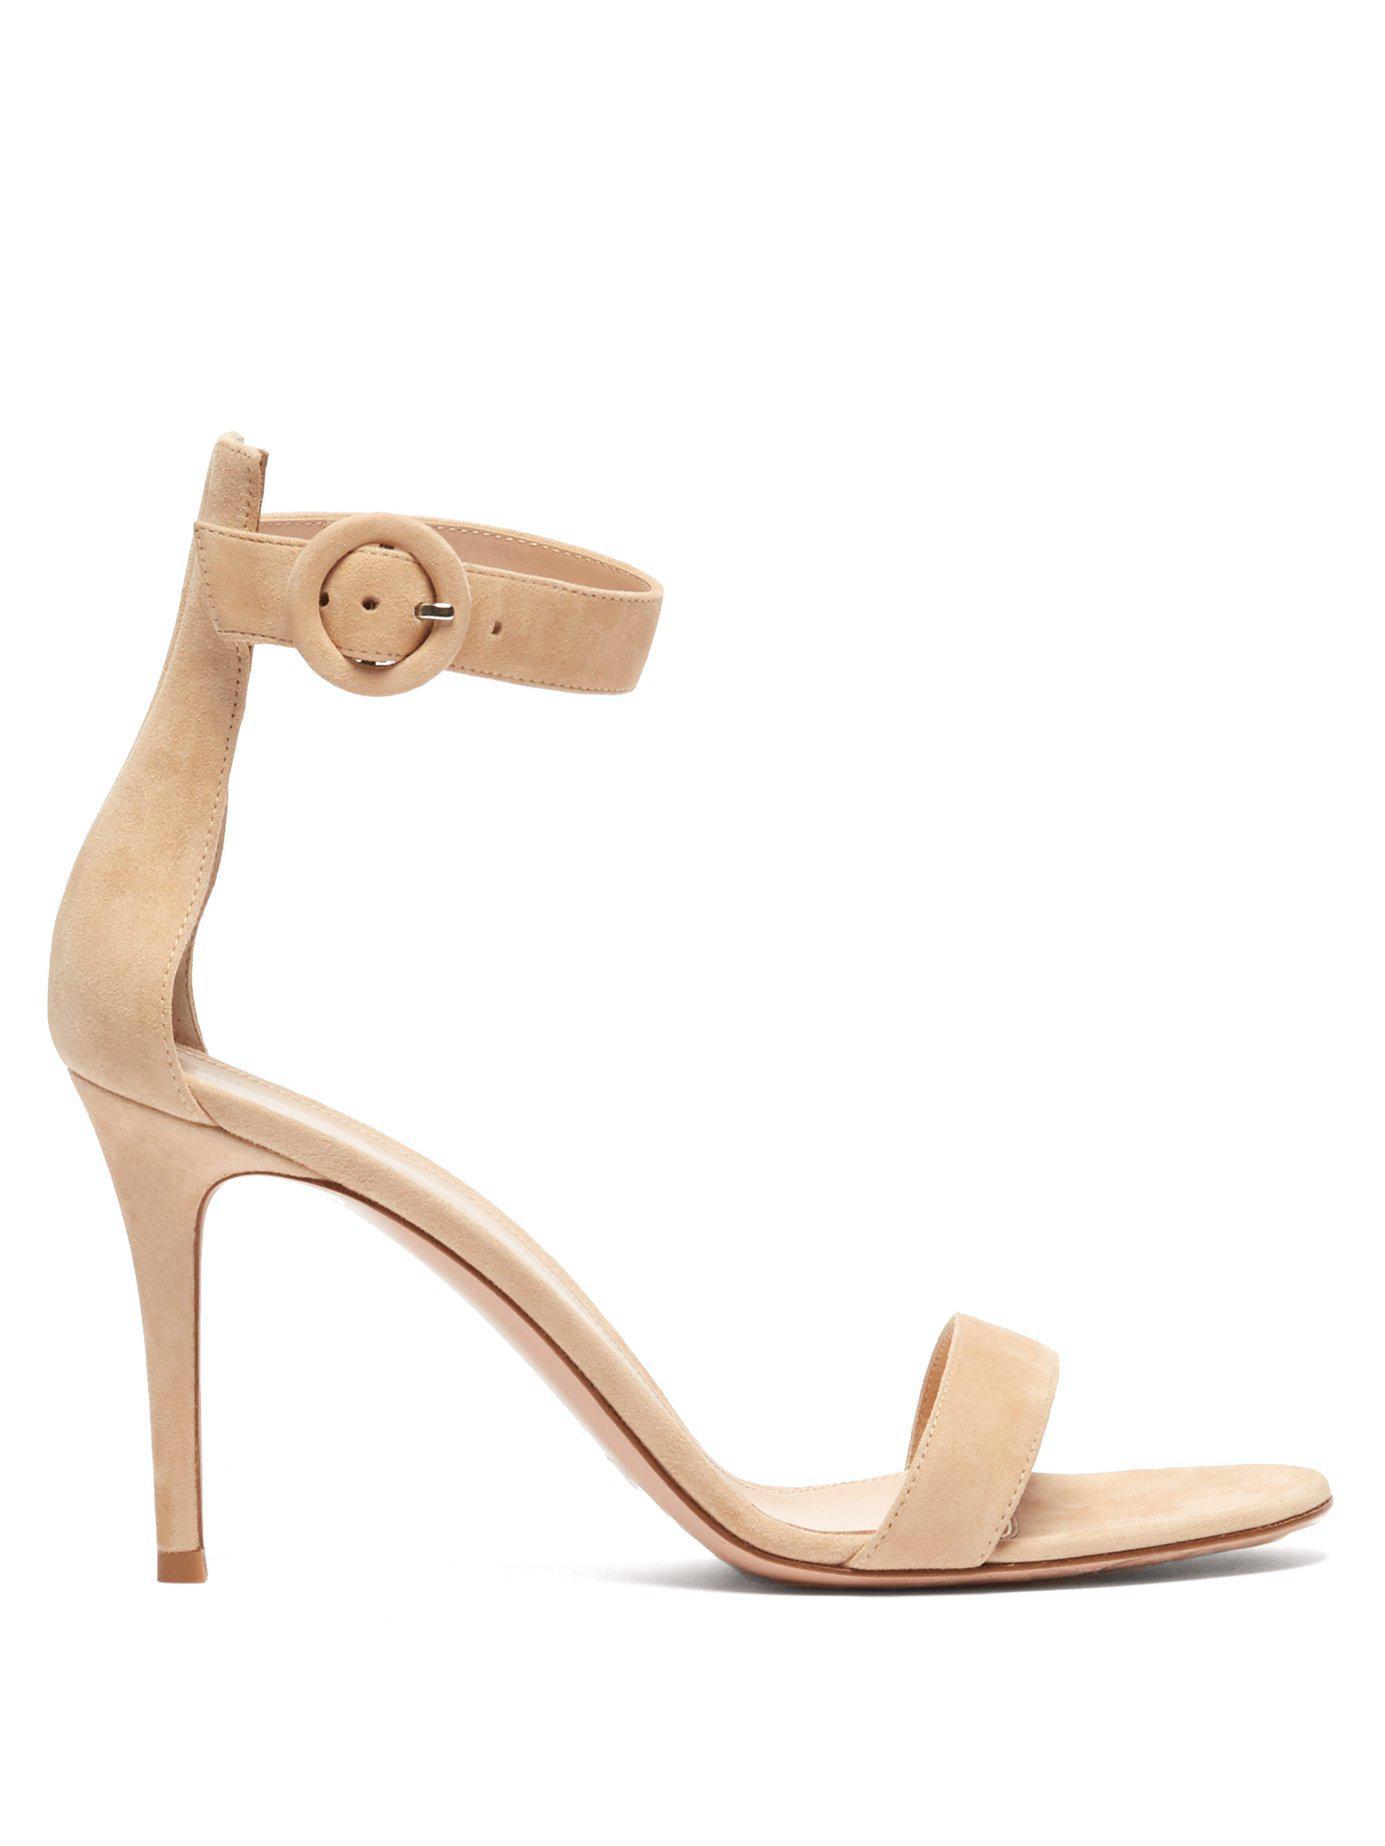 9c9ed94c2b4 Lyst - Gianvito Rossi Portofino 85 Suede Sandals in Natural